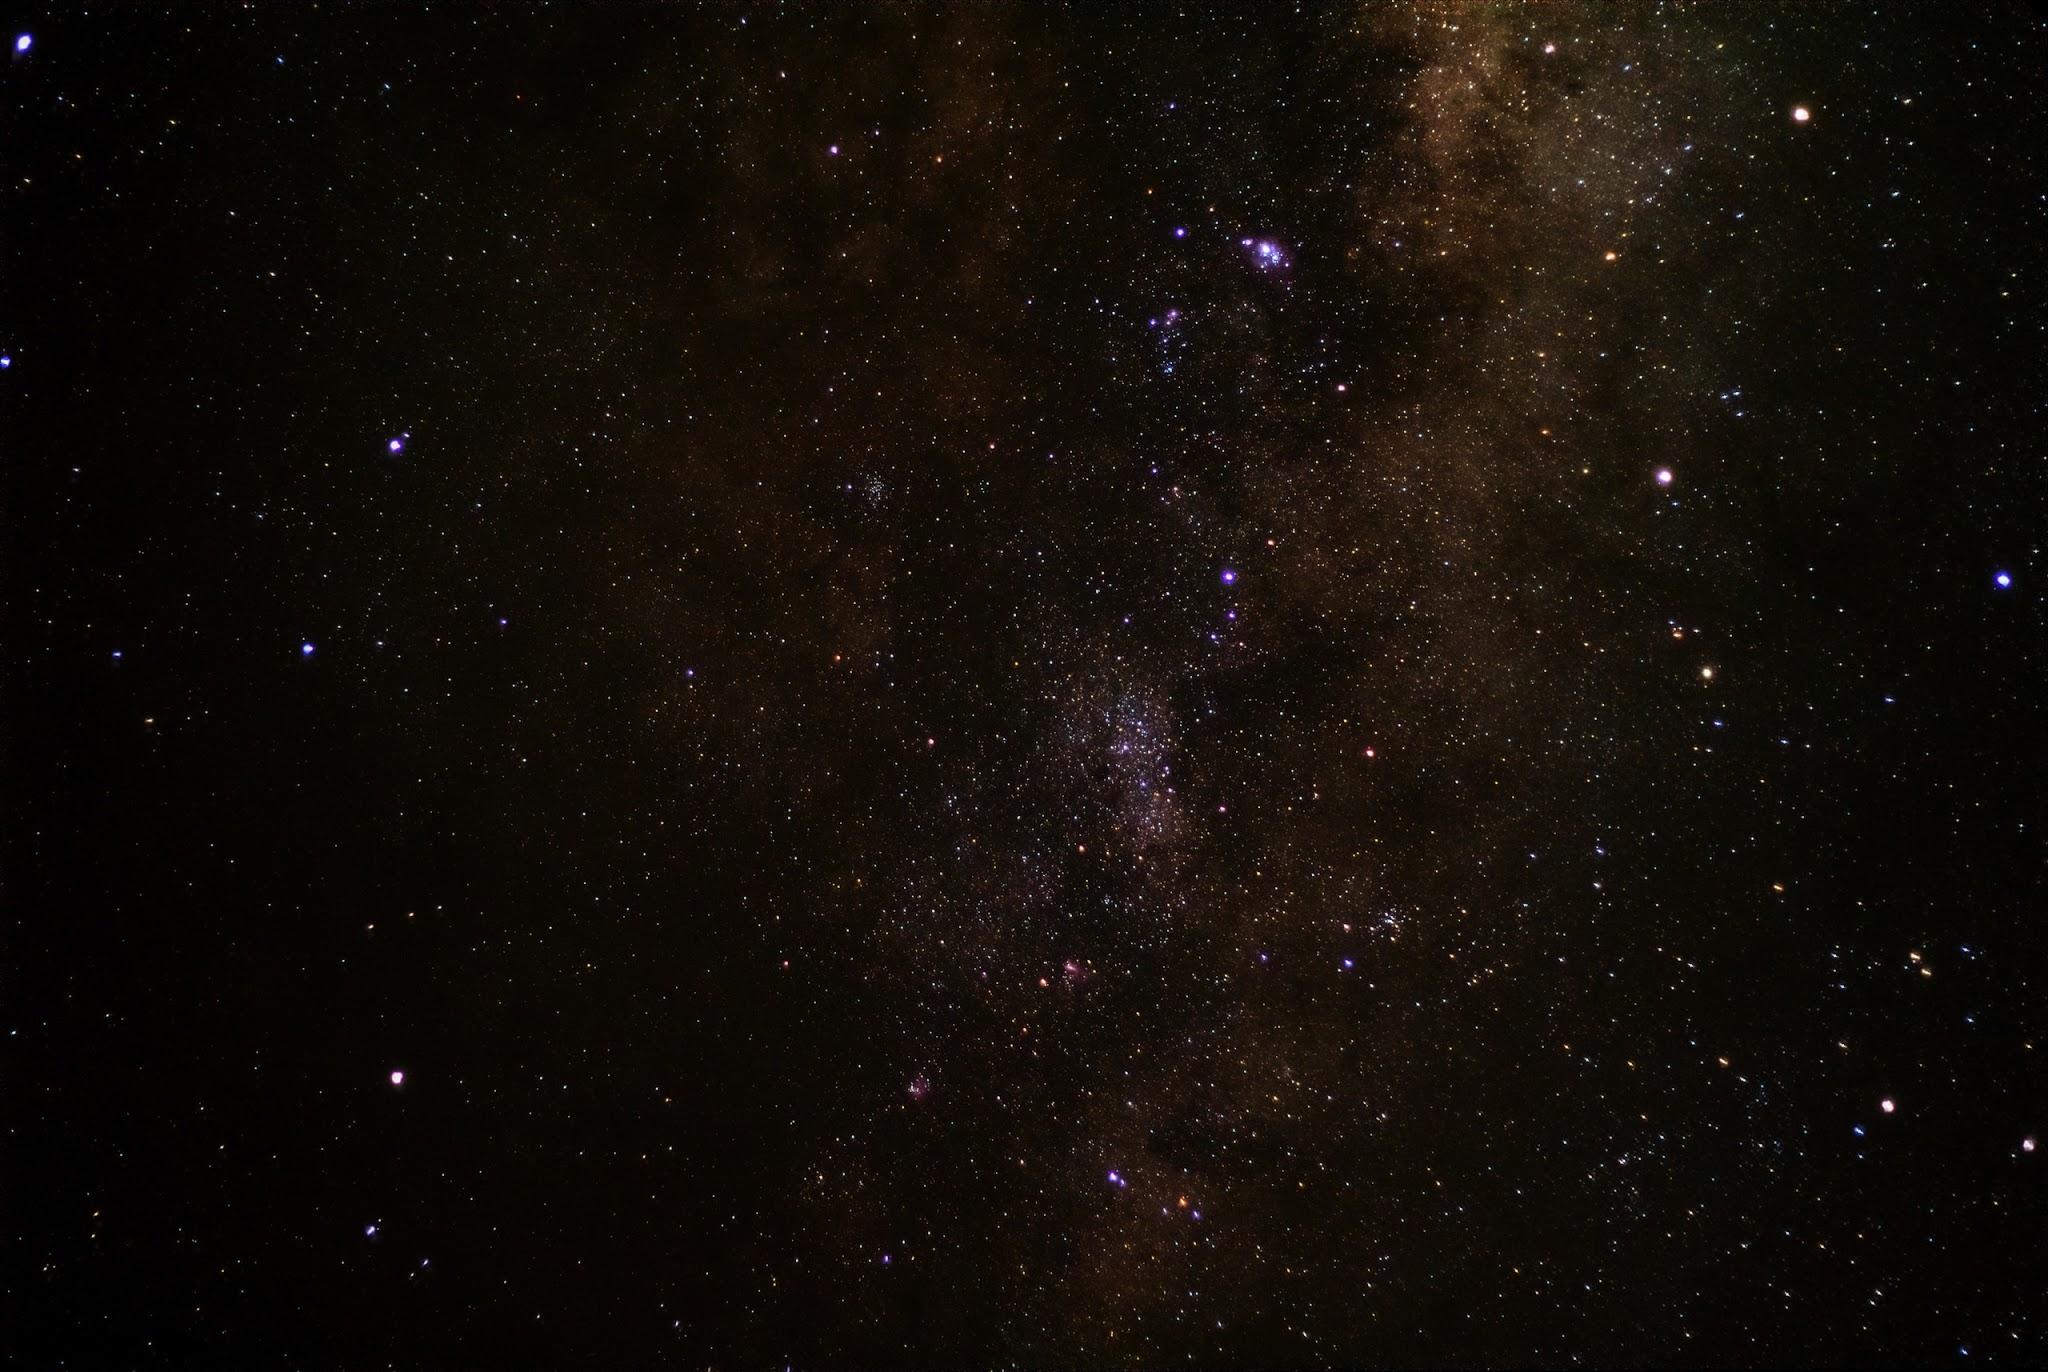 50 素晴らしい高 画質 星 壁紙 花の画像